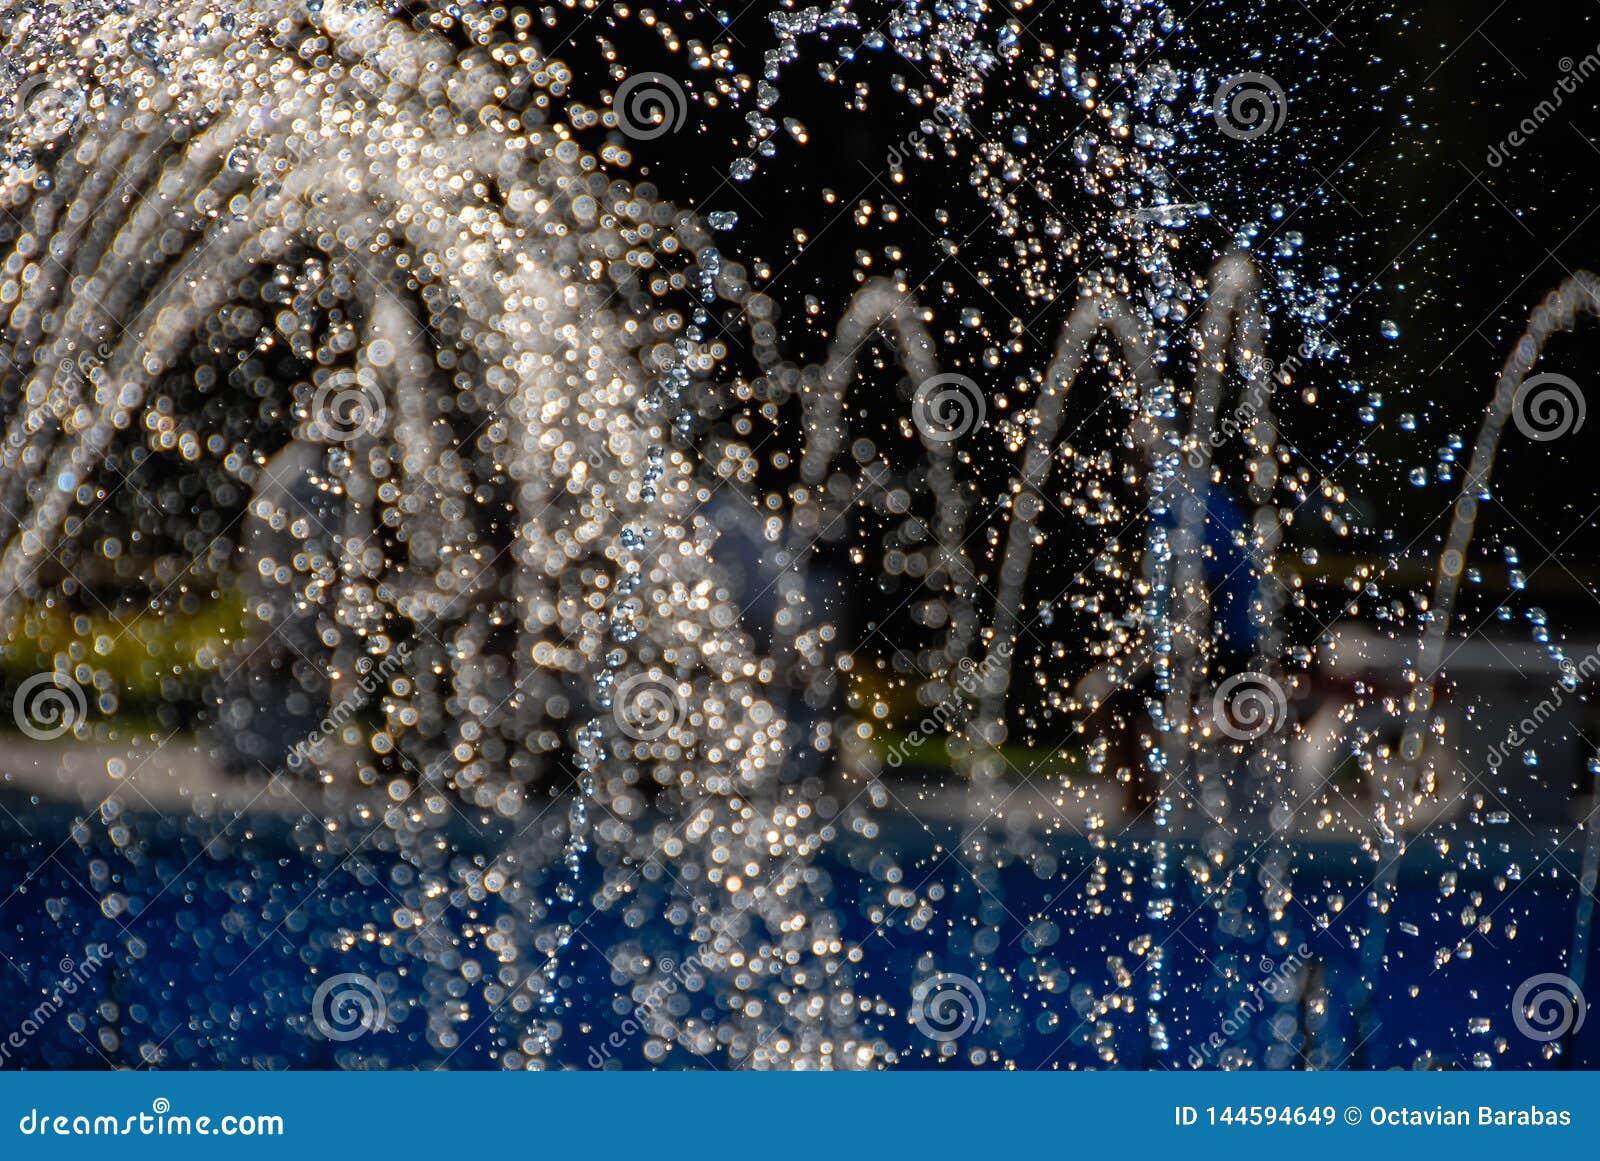 Agua que fluye de una fuente que forma gotitas